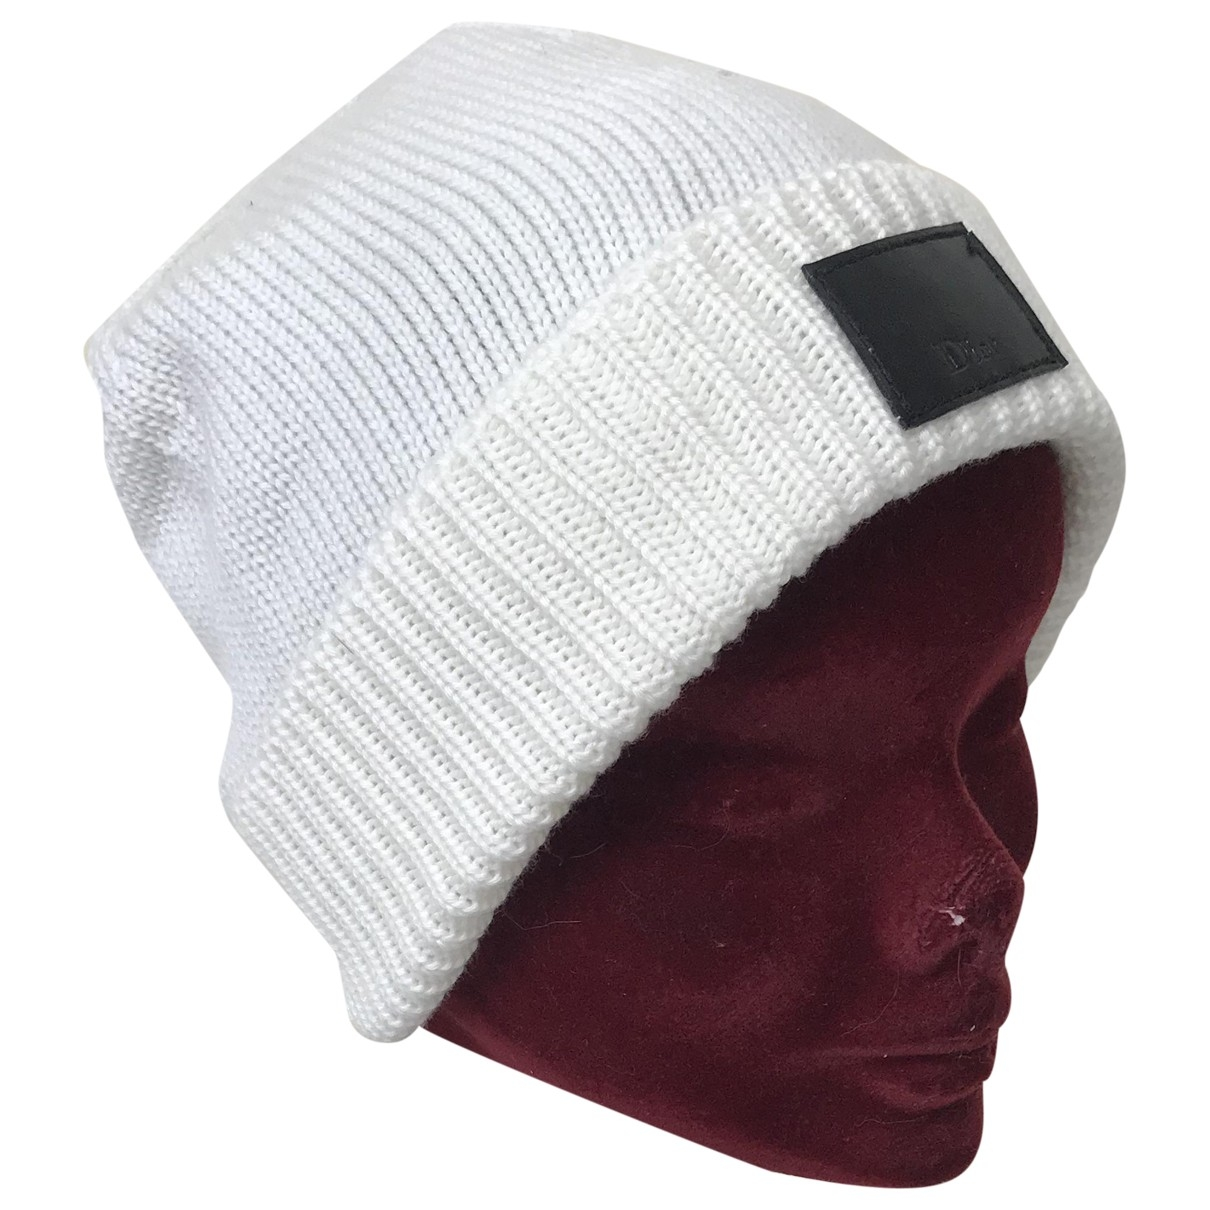 Dior Homme \N Hut, Muetzen in  Weiss Wolle